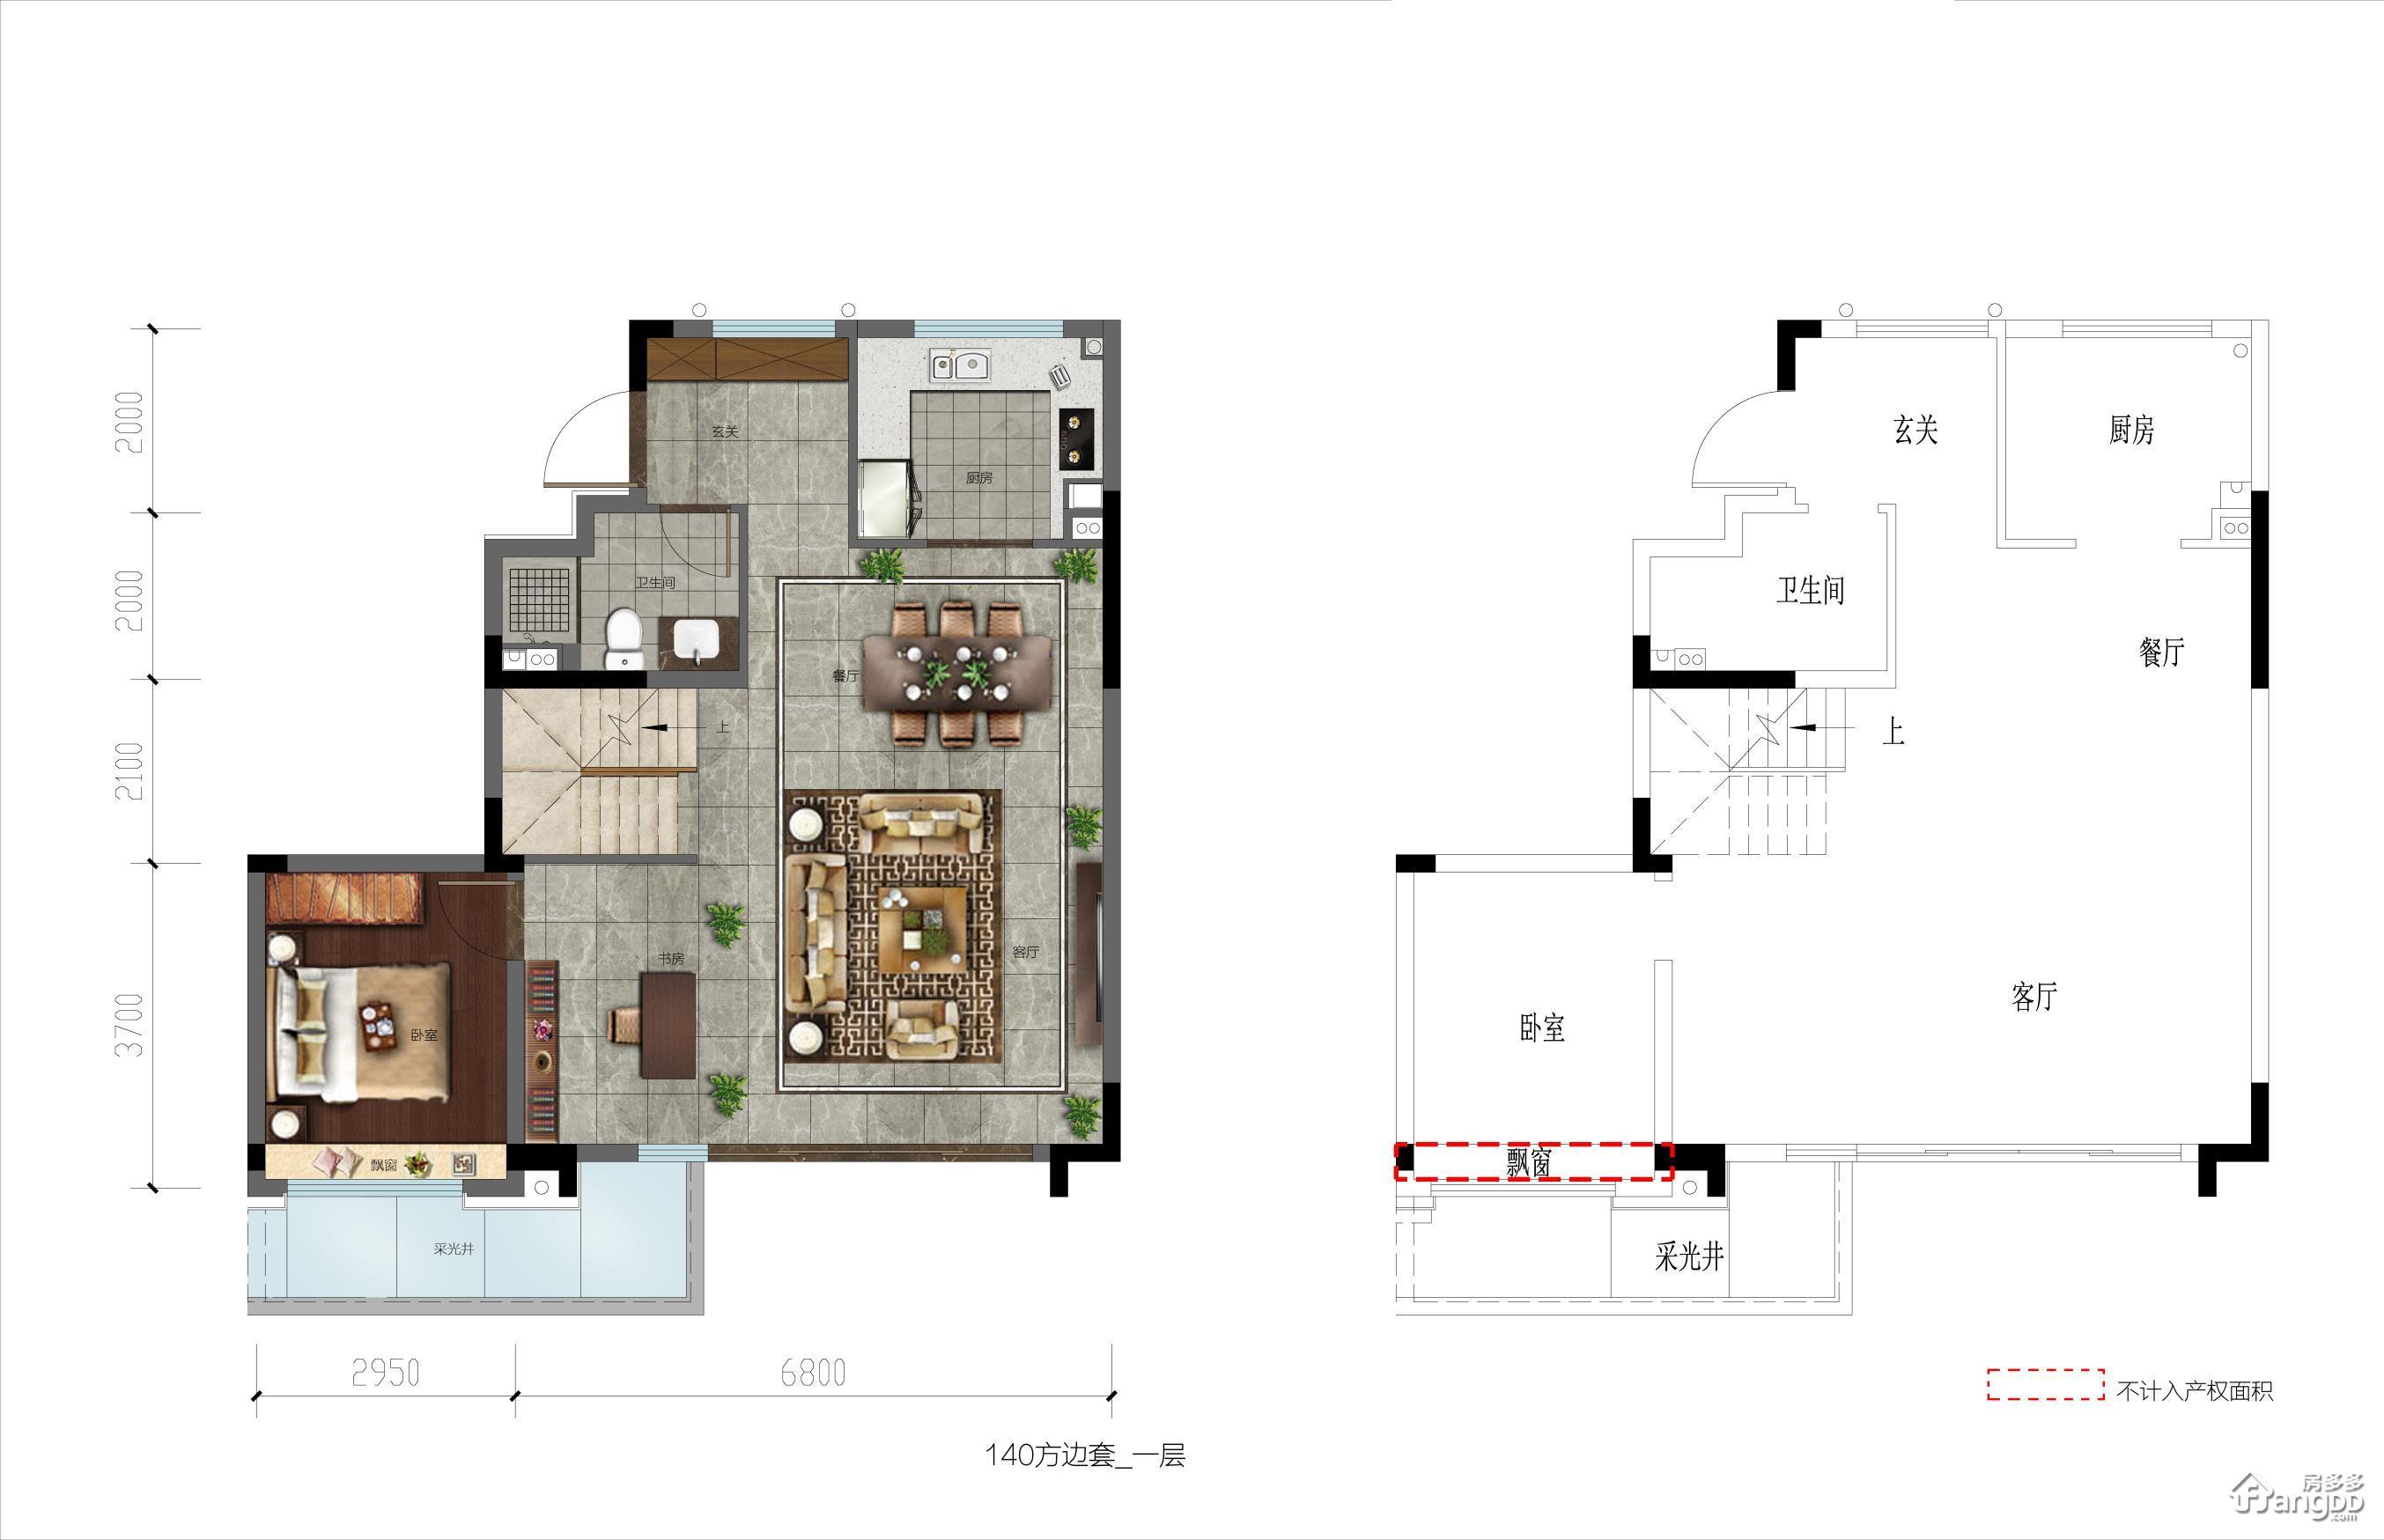 金地玖峯汇5室2厅3卫户型图